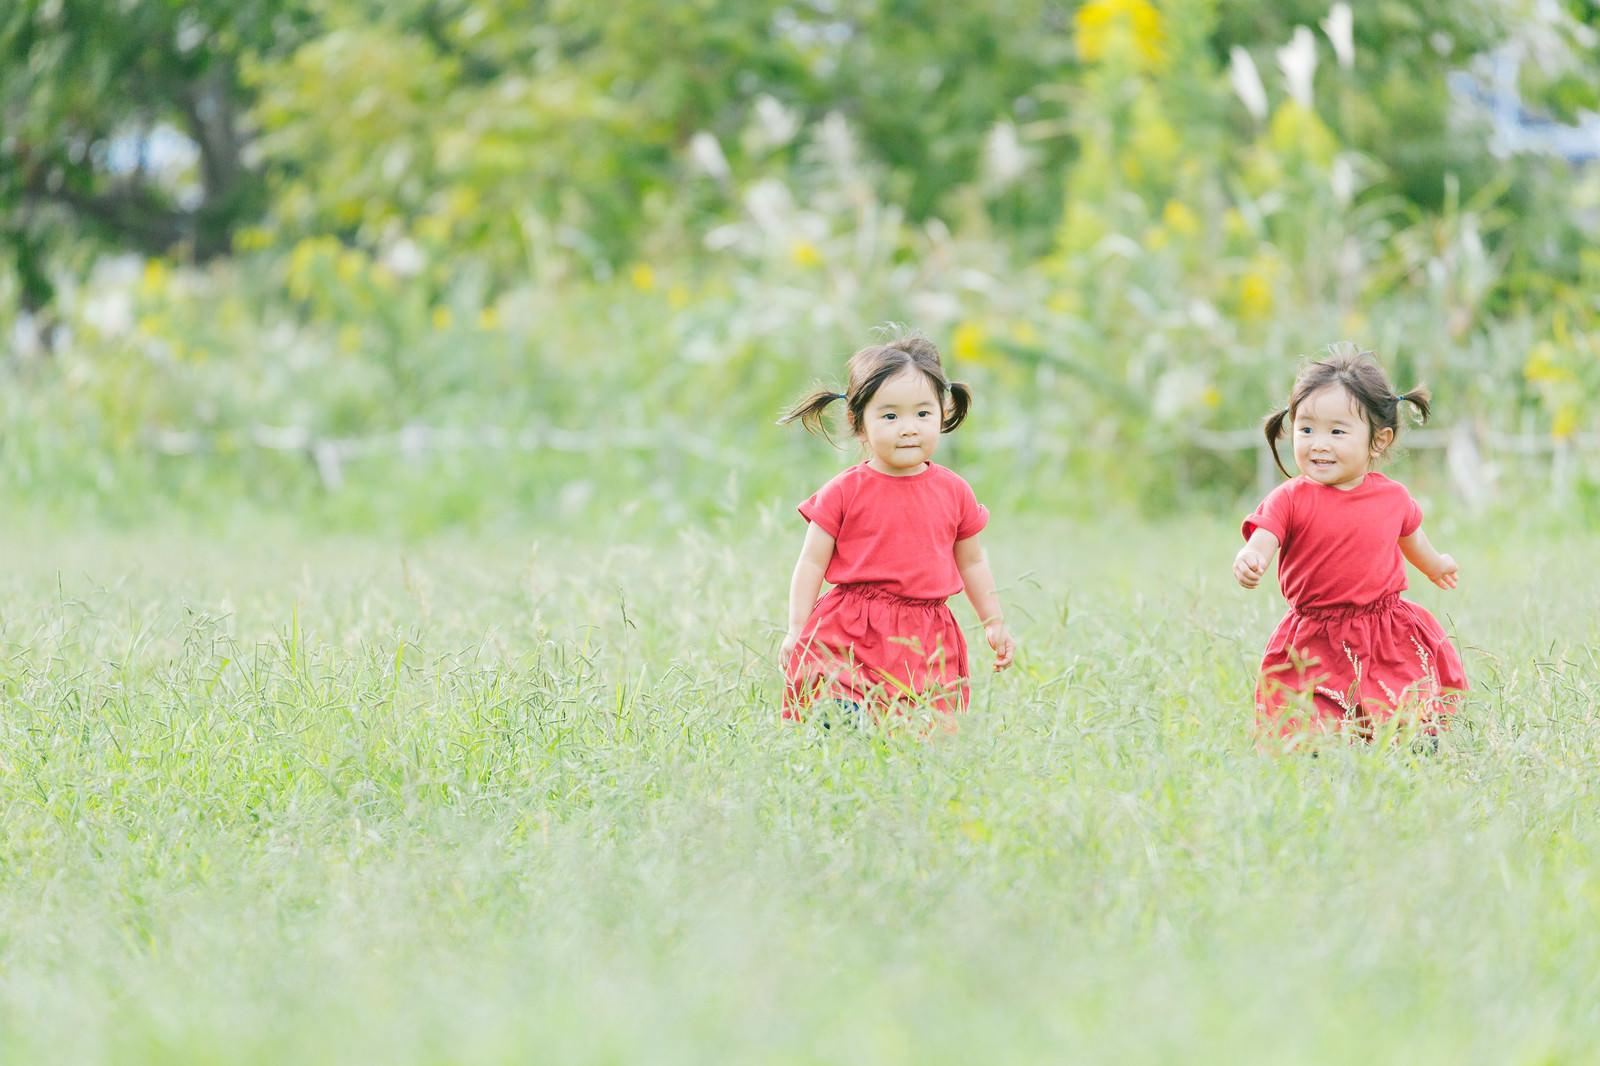 「走り出す双子」の写真[モデル:あおみどり]